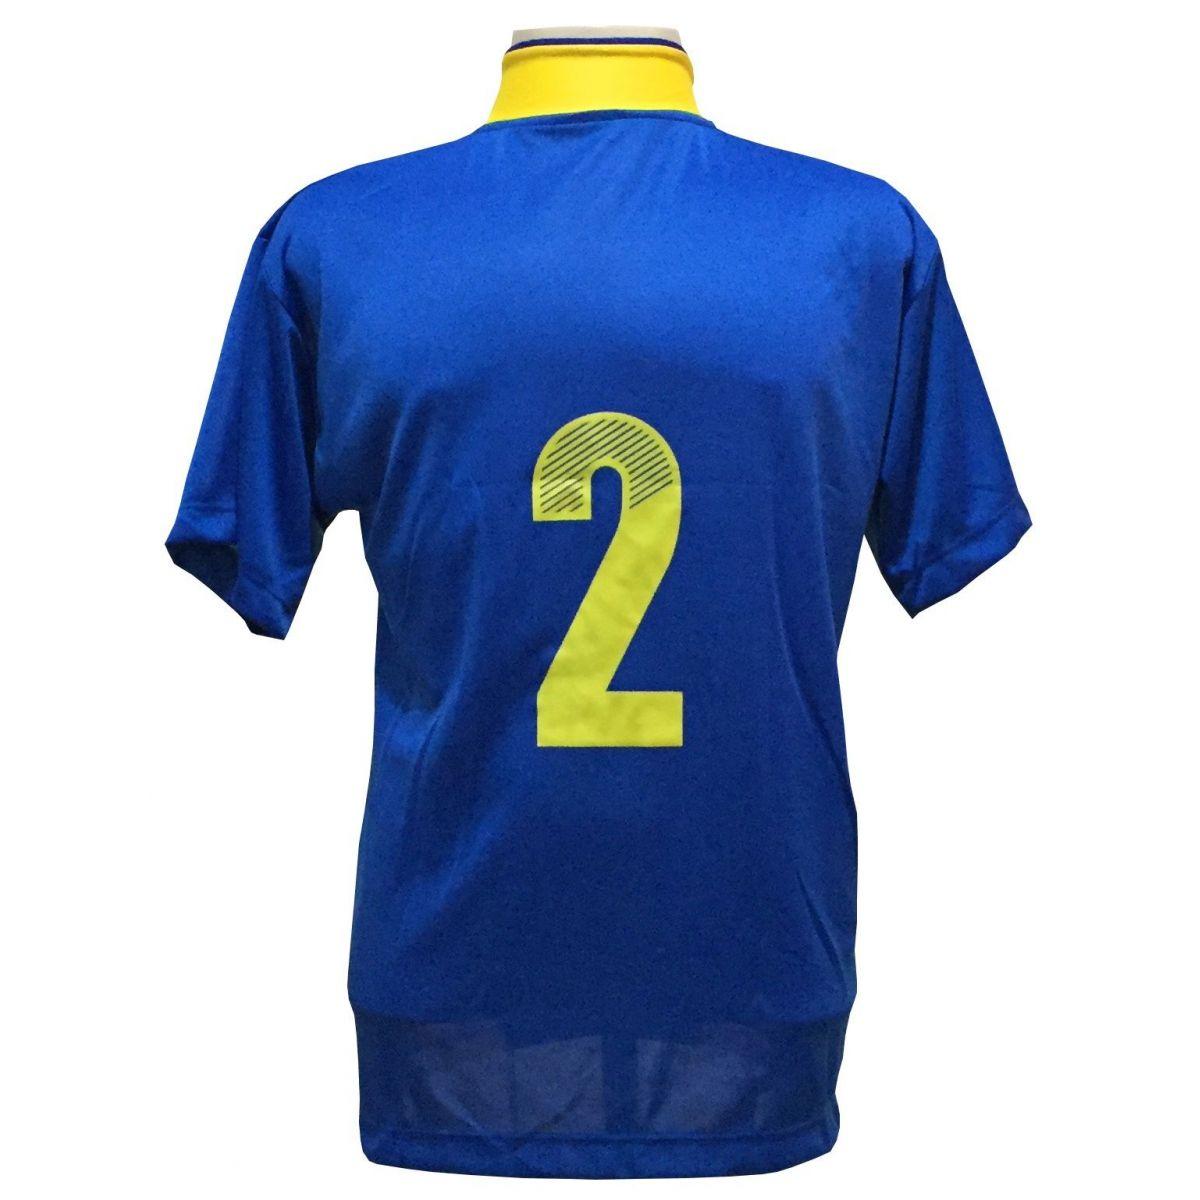 Jogo de Camisa com 14 unidades modelo Suécia Royal/Amarelo + 1 Goleiro + Brindes